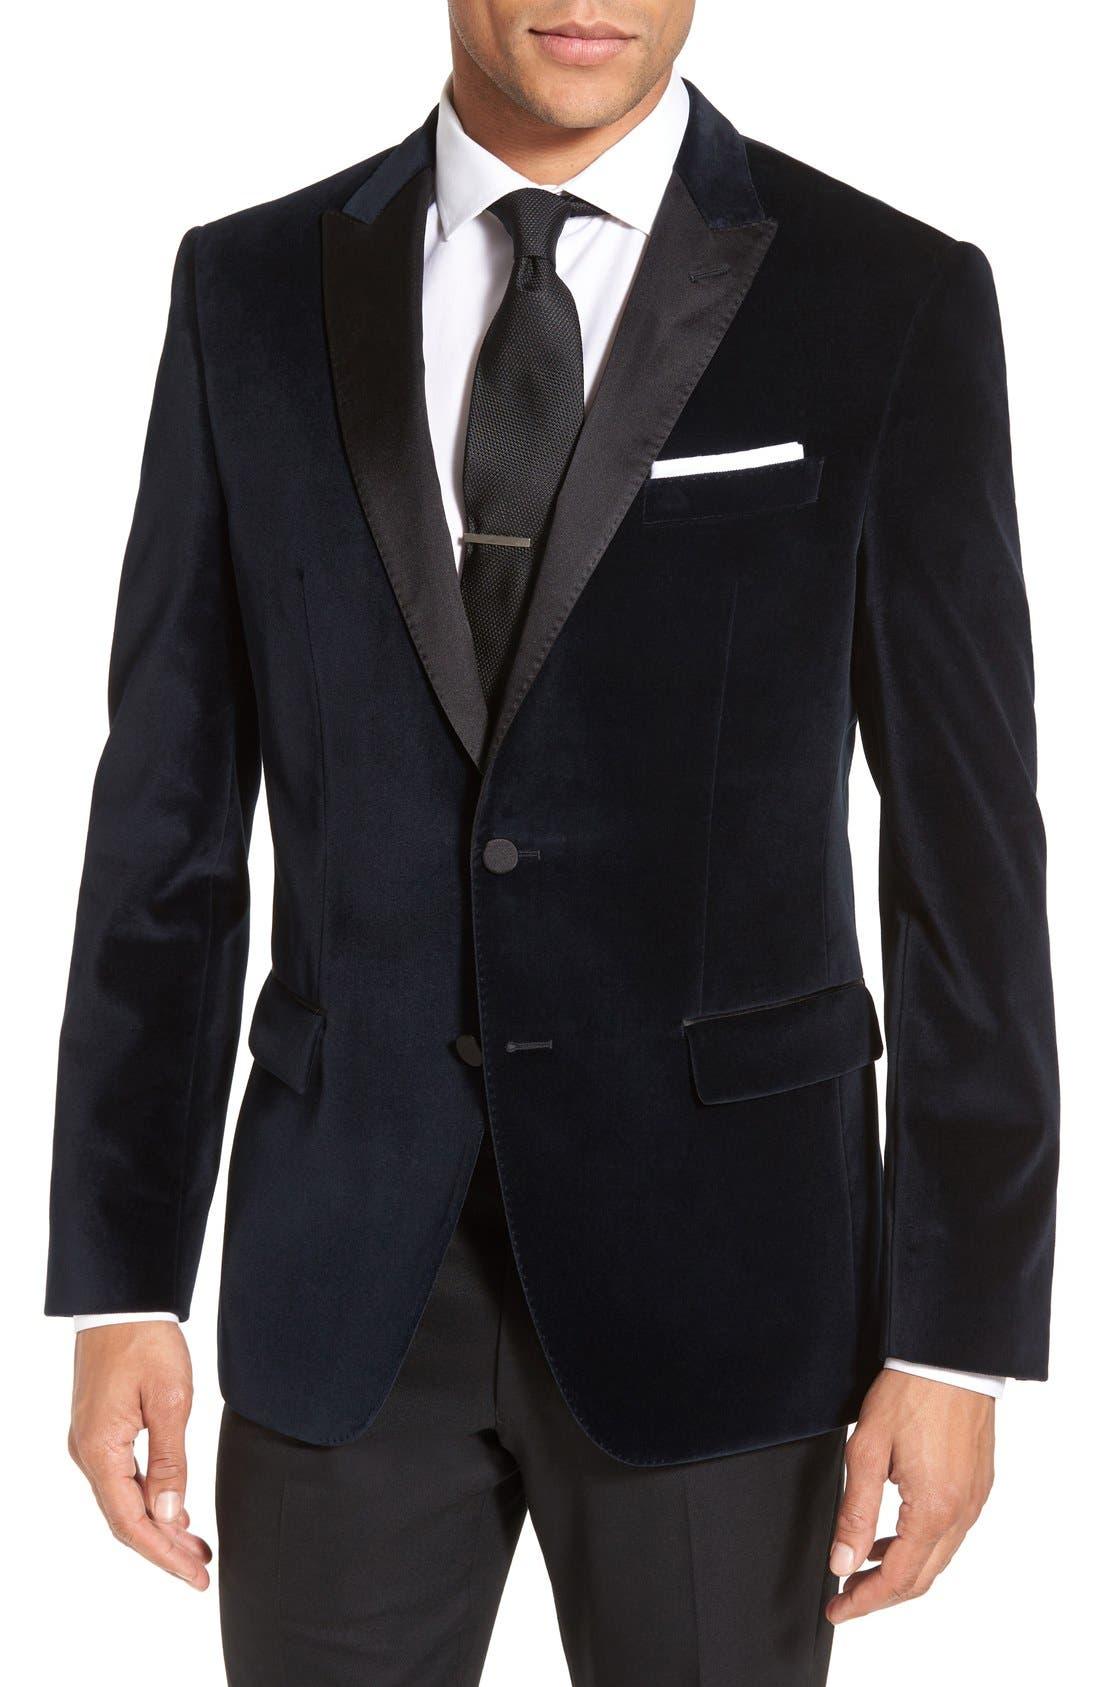 Alternate Image 1 Selected - BOSS 'Haimon' Trim Fit Velvet Dinner Jacket